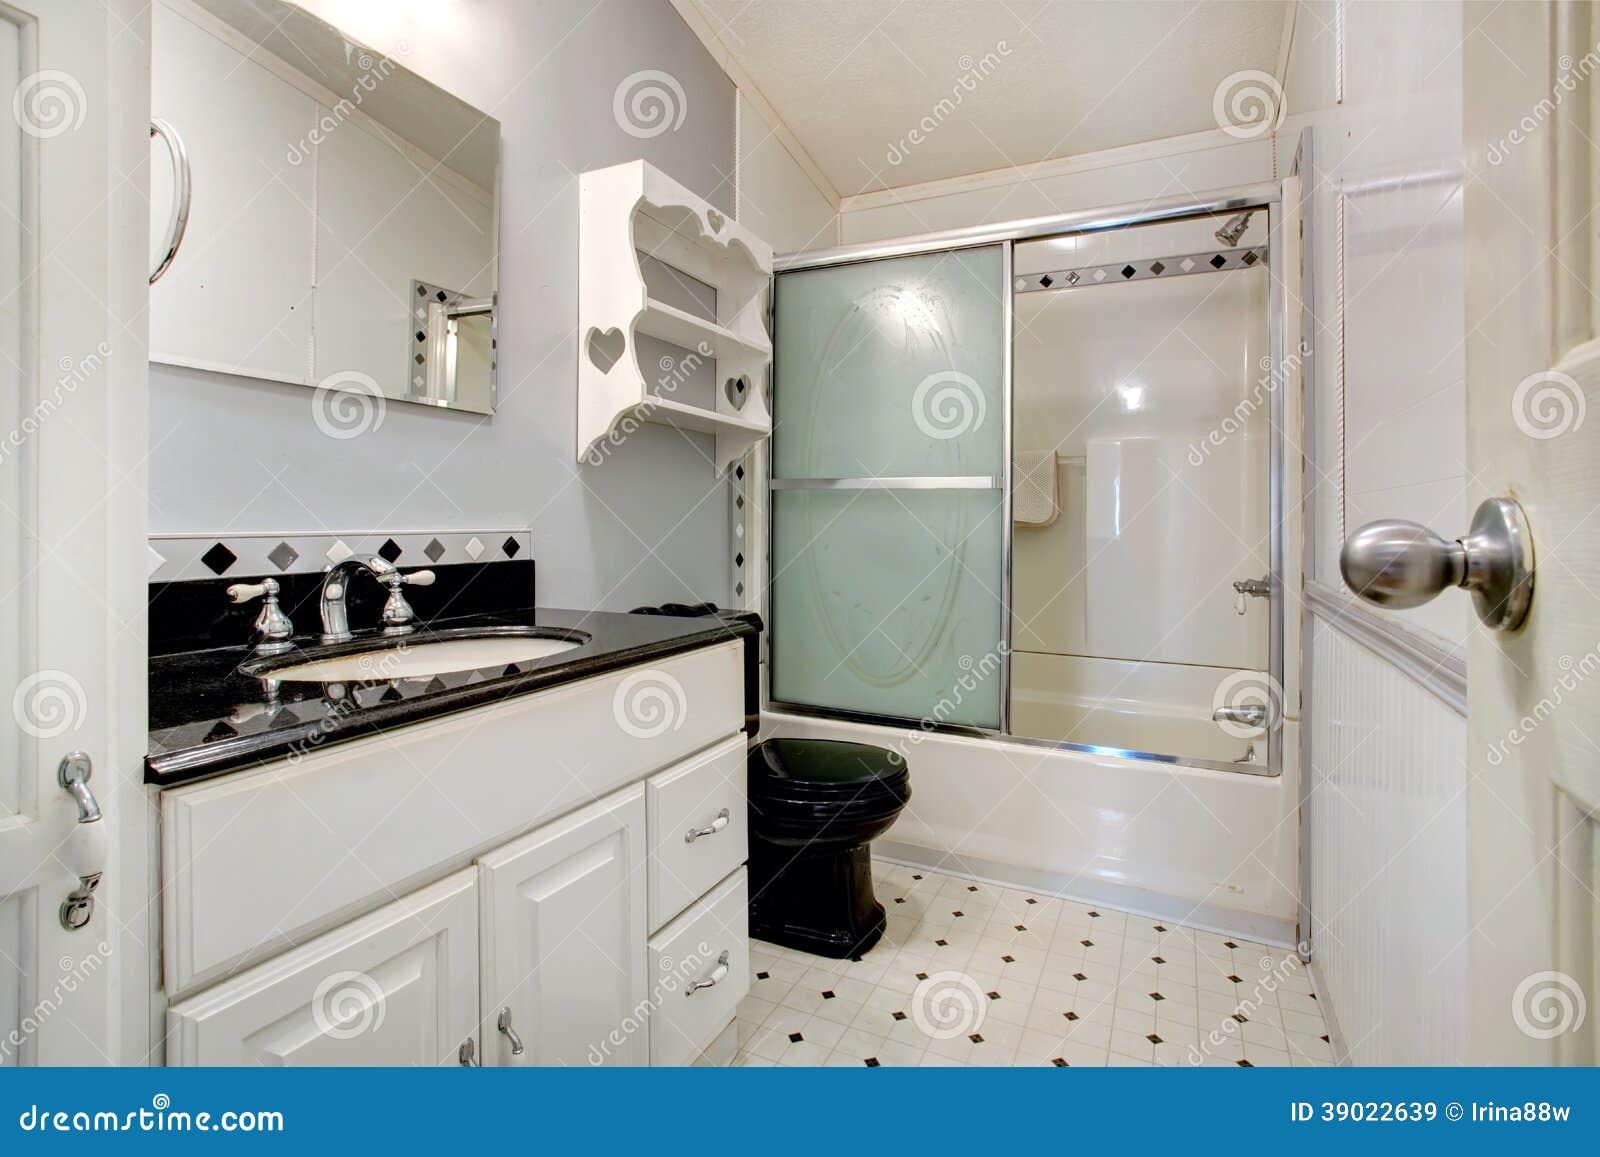 Bagno bianco e nero immagine stock immagine di disegno 39022639 - Bagno bianco e nero ...